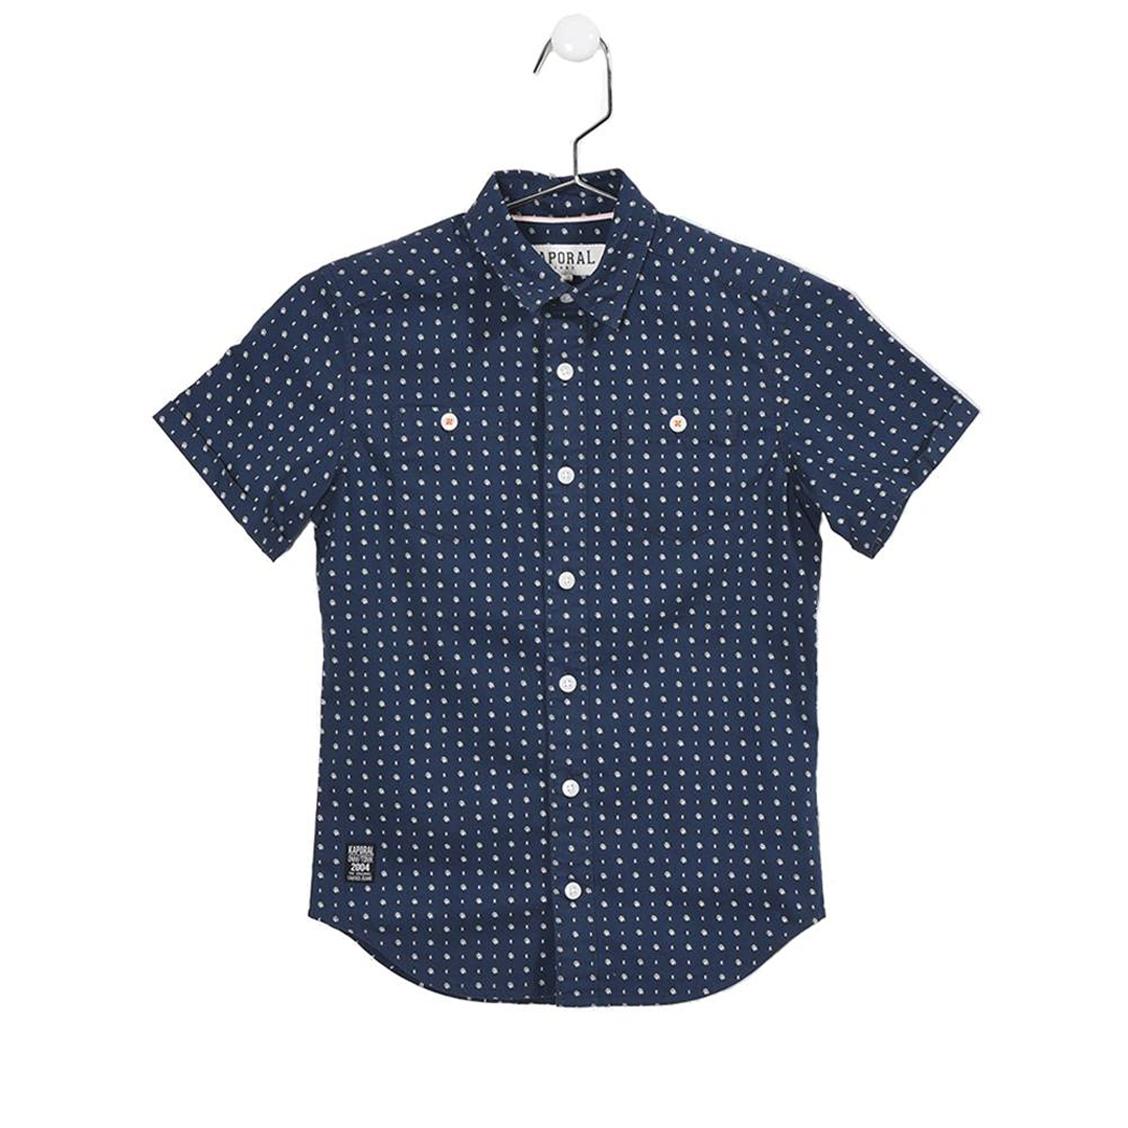 Chemise droite manches courtes  rawn en coton bleu marine à motifs blancs